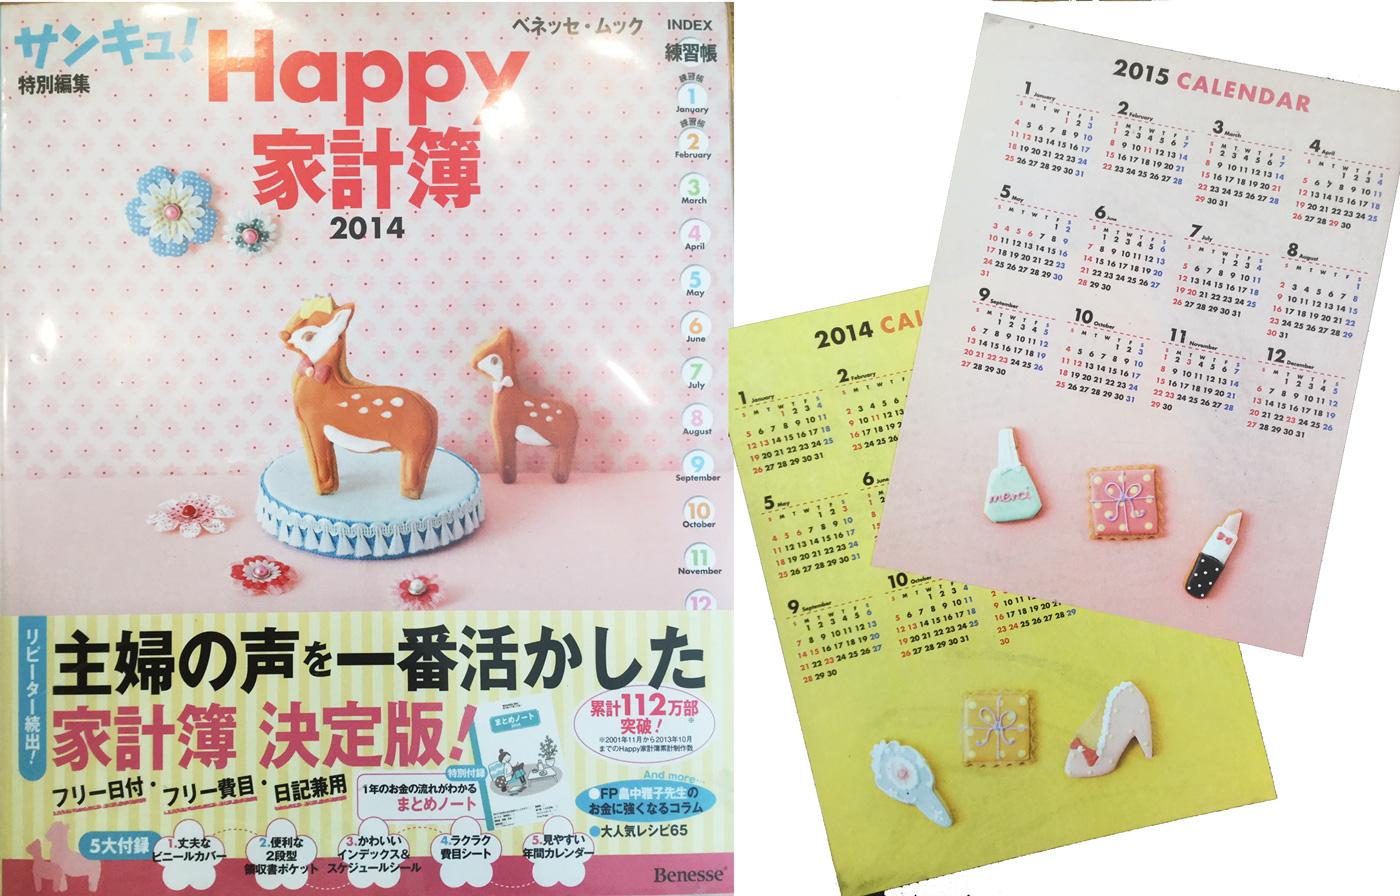 サンキュ!Happy家計簿2014 表紙クッキー製作